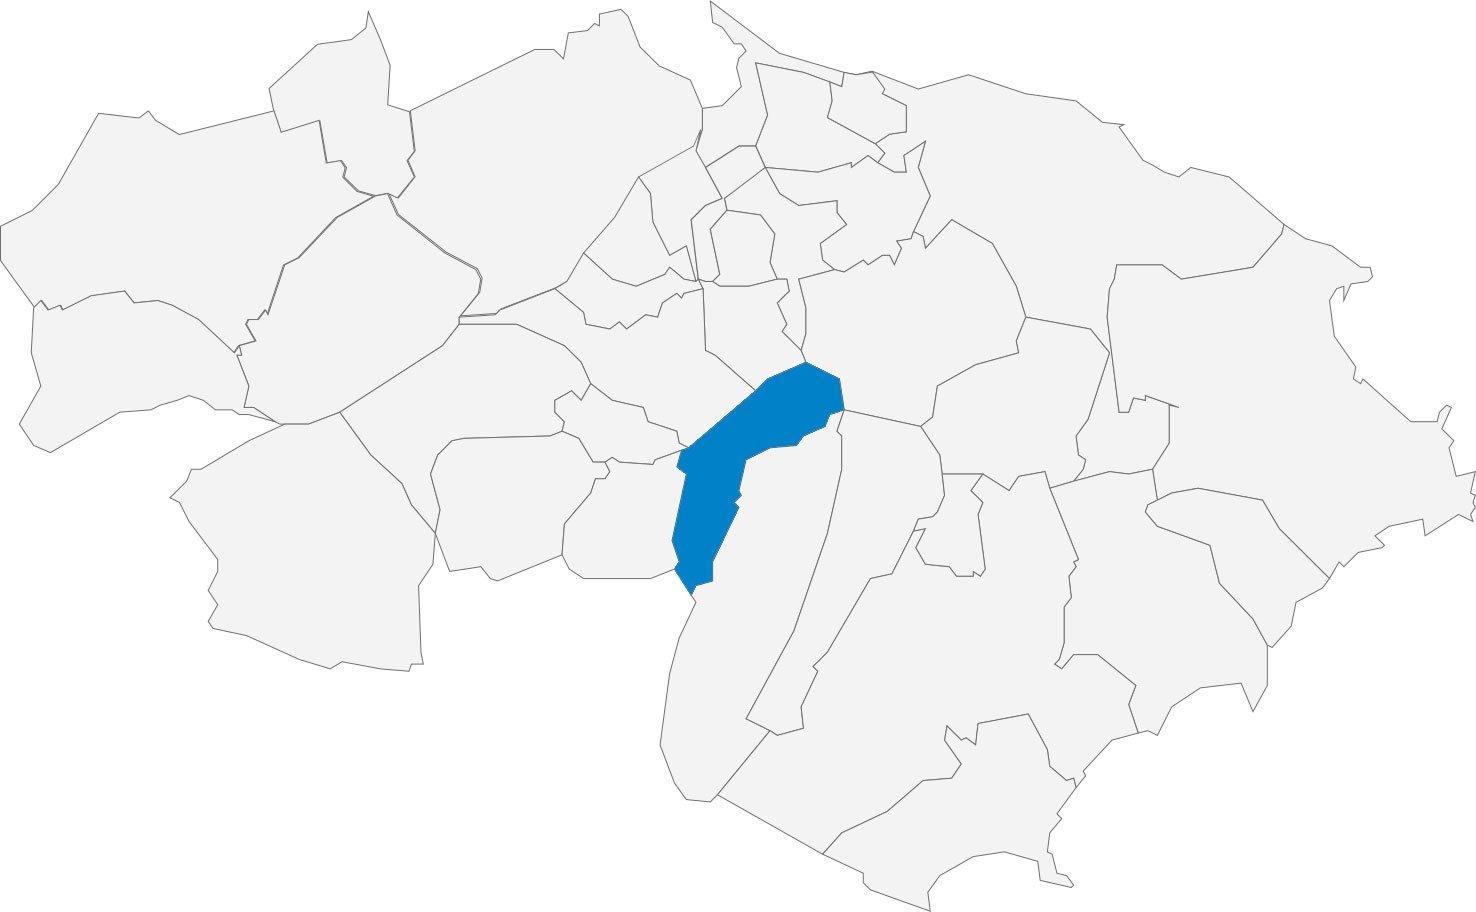 Alcalali